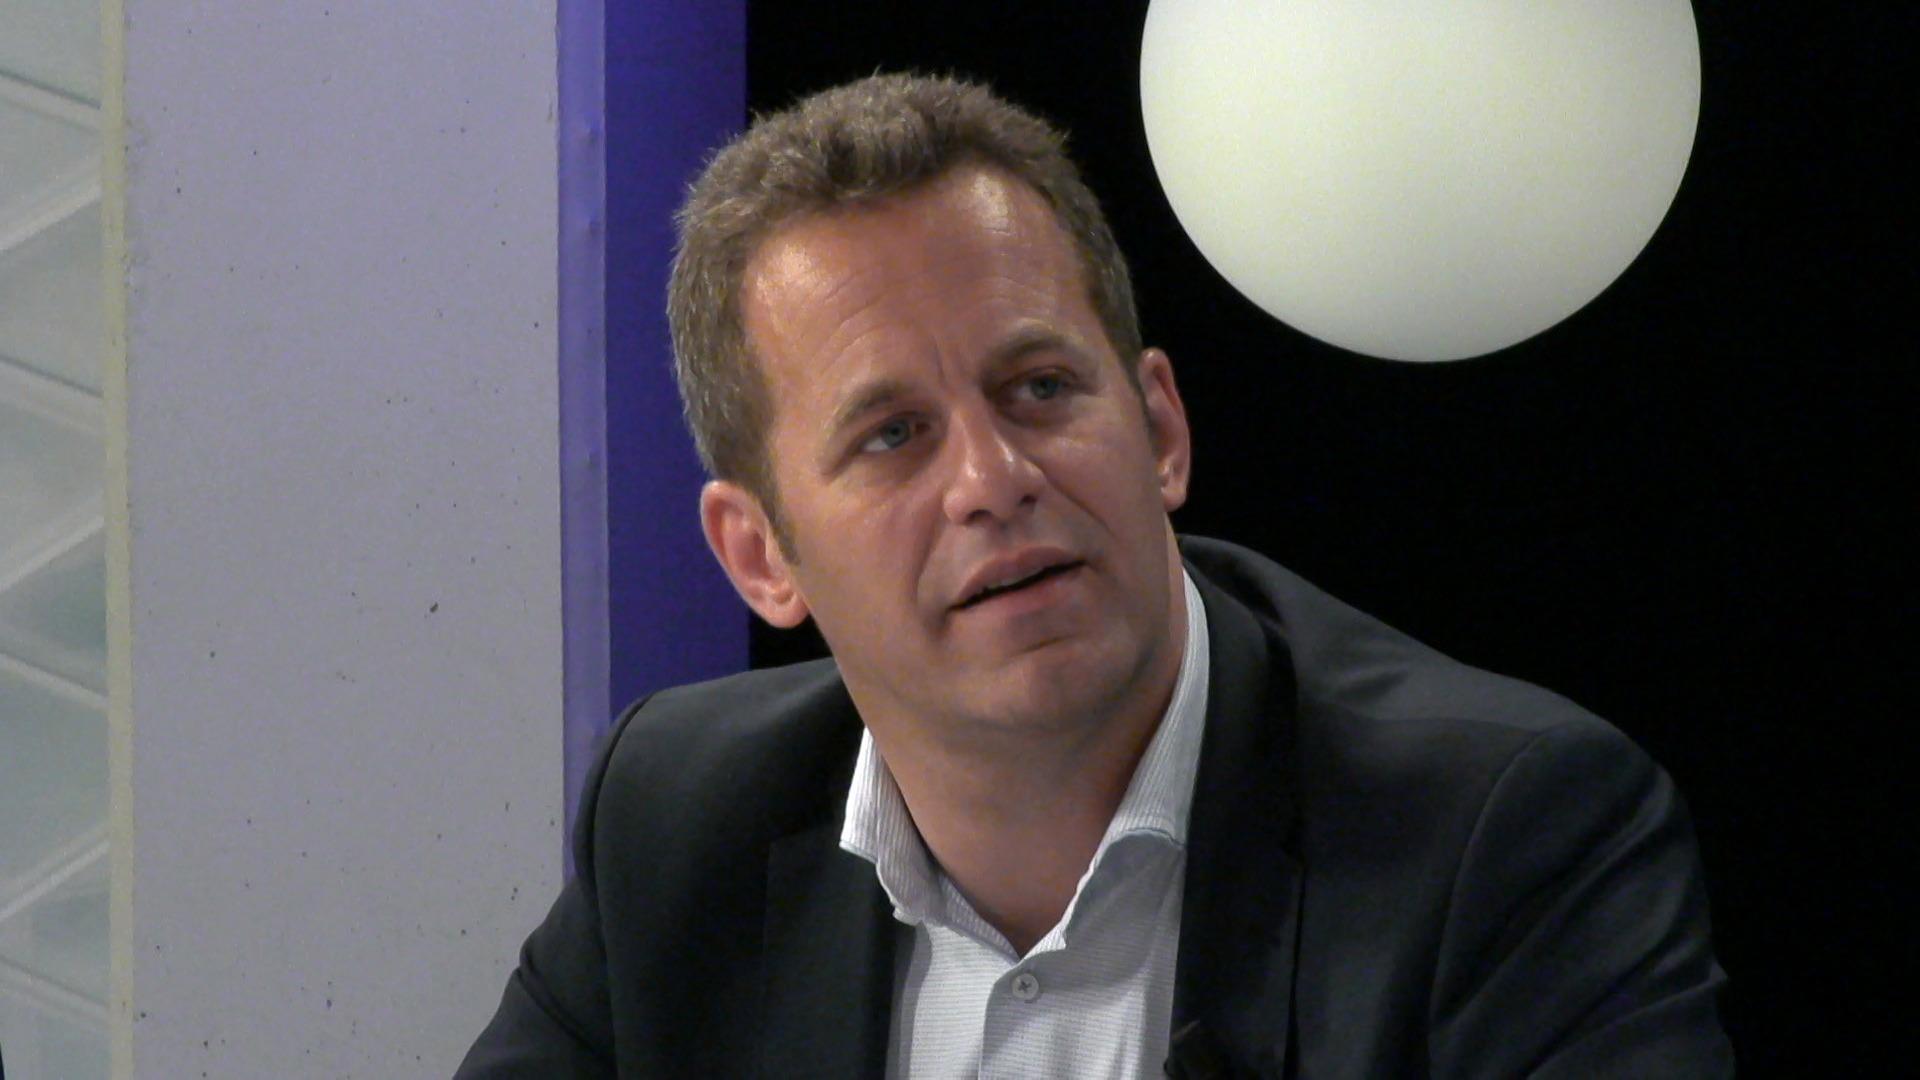 """#spraakmakers: """"Foute keuze om digitale meter niet aan iedereen aan te bieden"""" - Robrecht Bothuyne"""